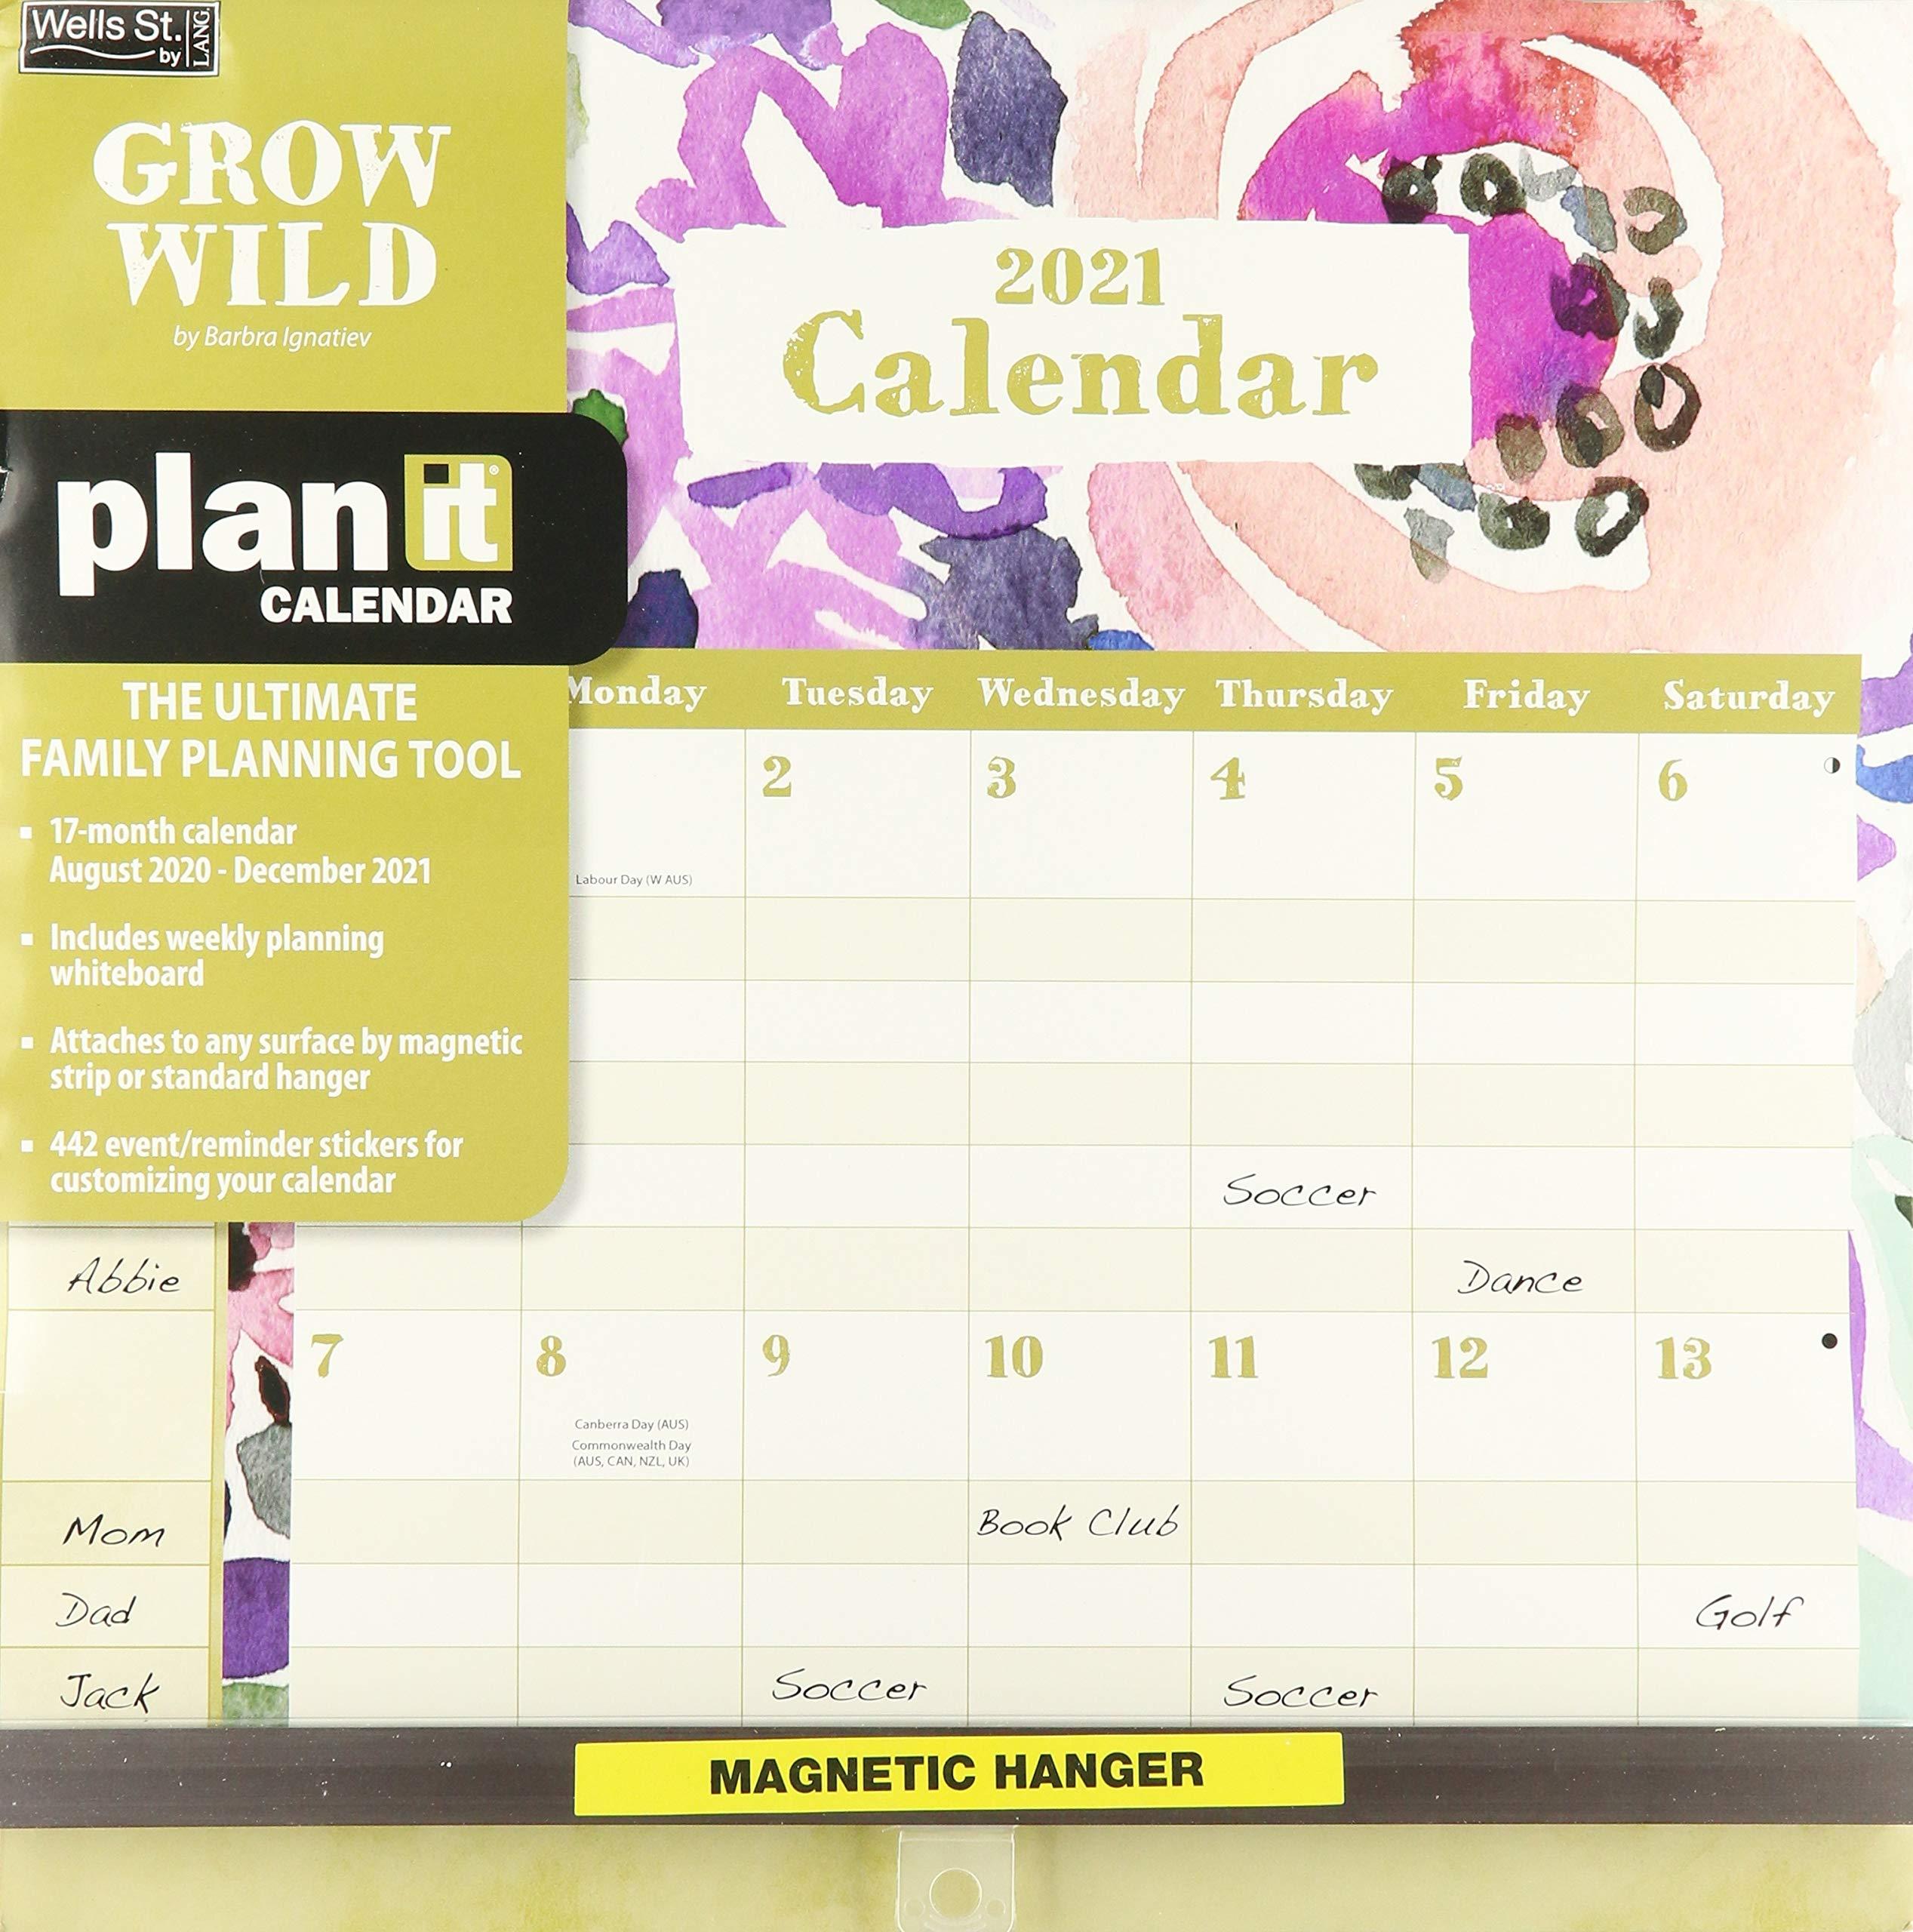 2021 DELUXE PLANNER CALENDAR LANG 61059 GROW WILD BRAND NEW